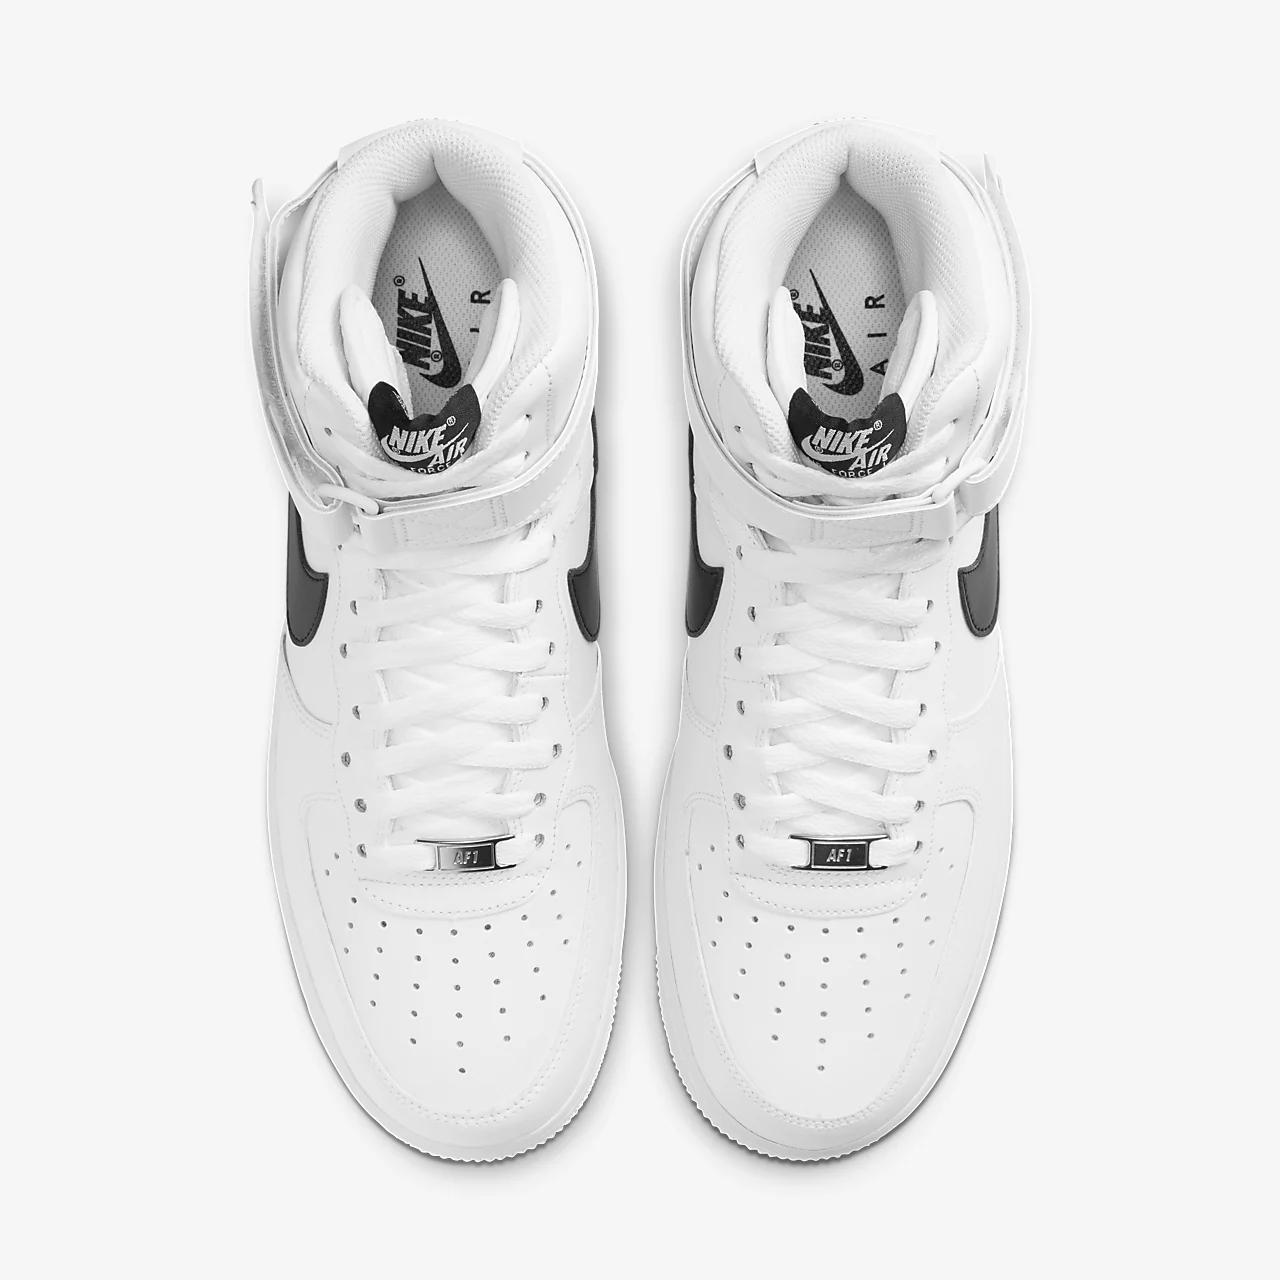 유럽직배송 나이키 NIKE Nike Air Force 1 High '07 Men's Shoe CK4369-100